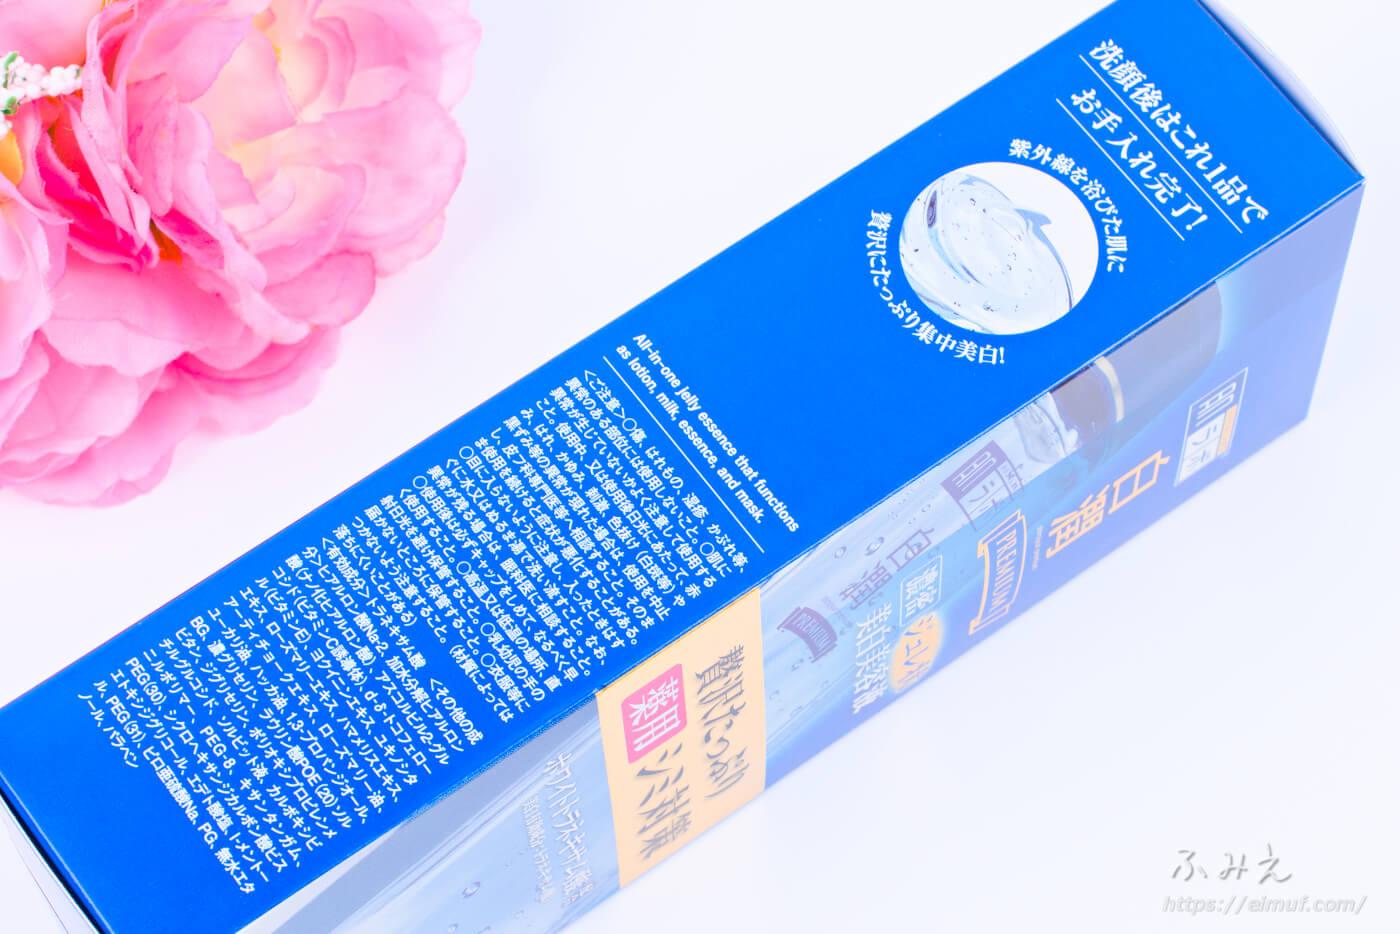 肌ラボ 白潤プレミアム 薬用ジュレ状美白美容液 外箱左側面